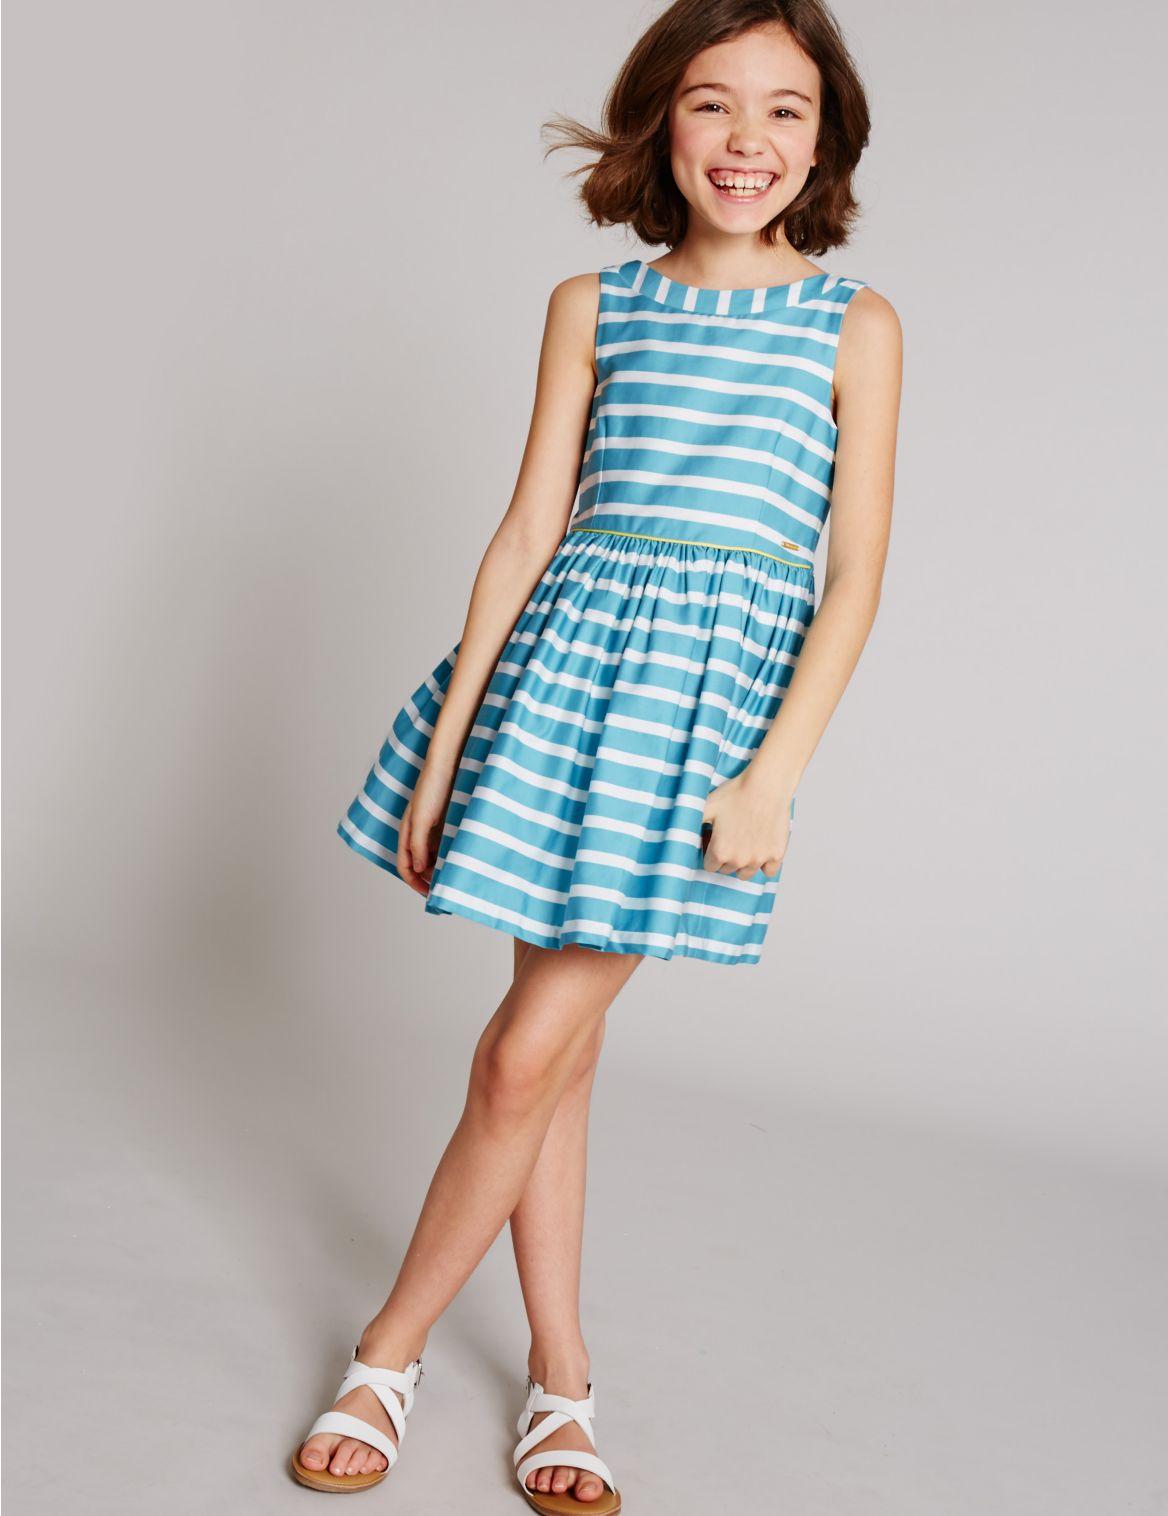 Puur katoenen gestreepte jurk (314